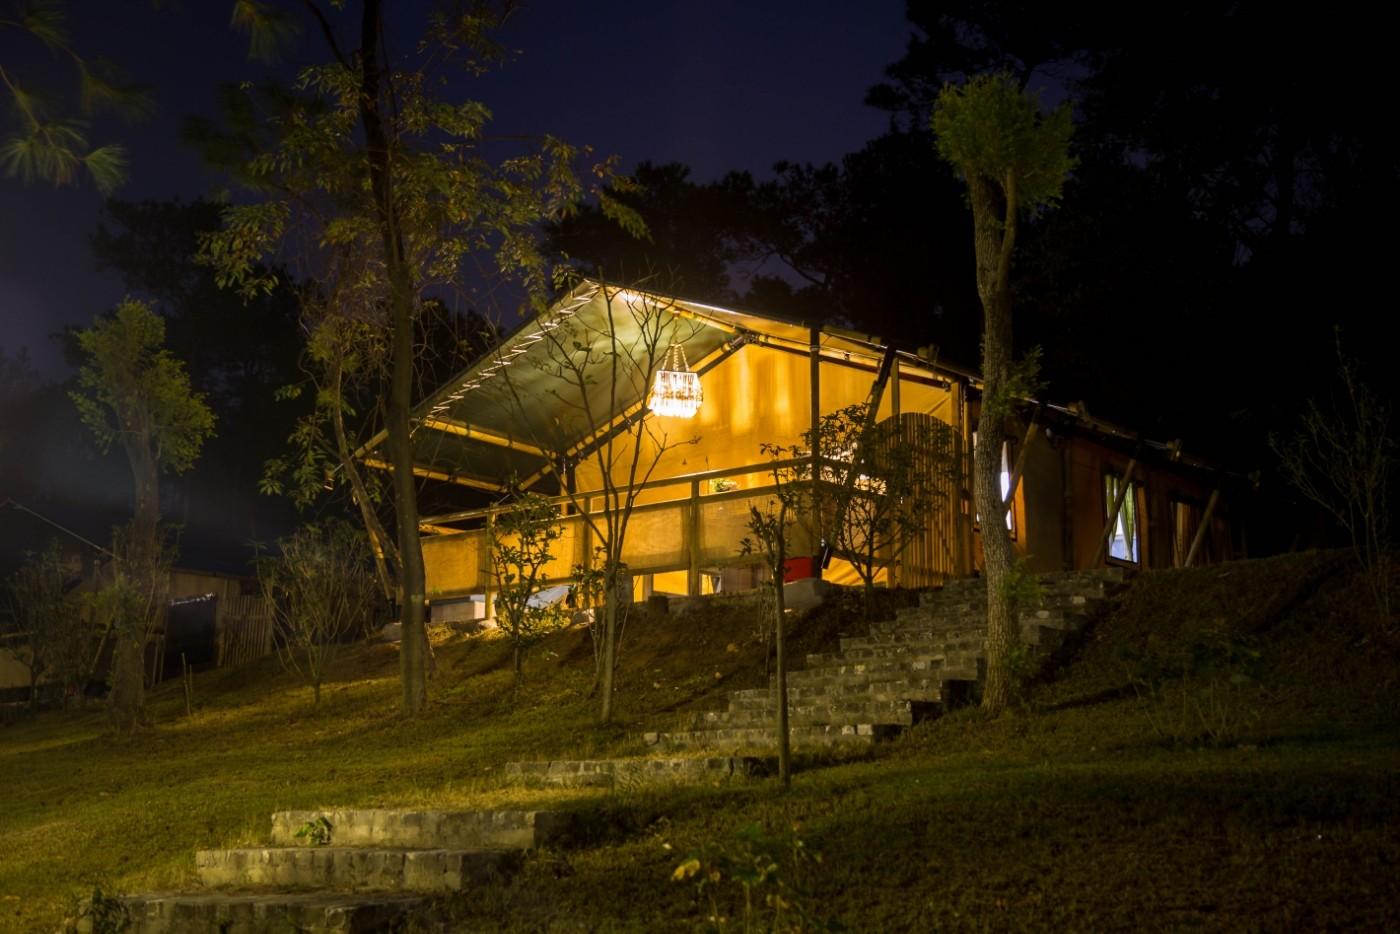 喜马拉雅野奢帐篷酒店—广州北迹露营平地帐篷酒店8